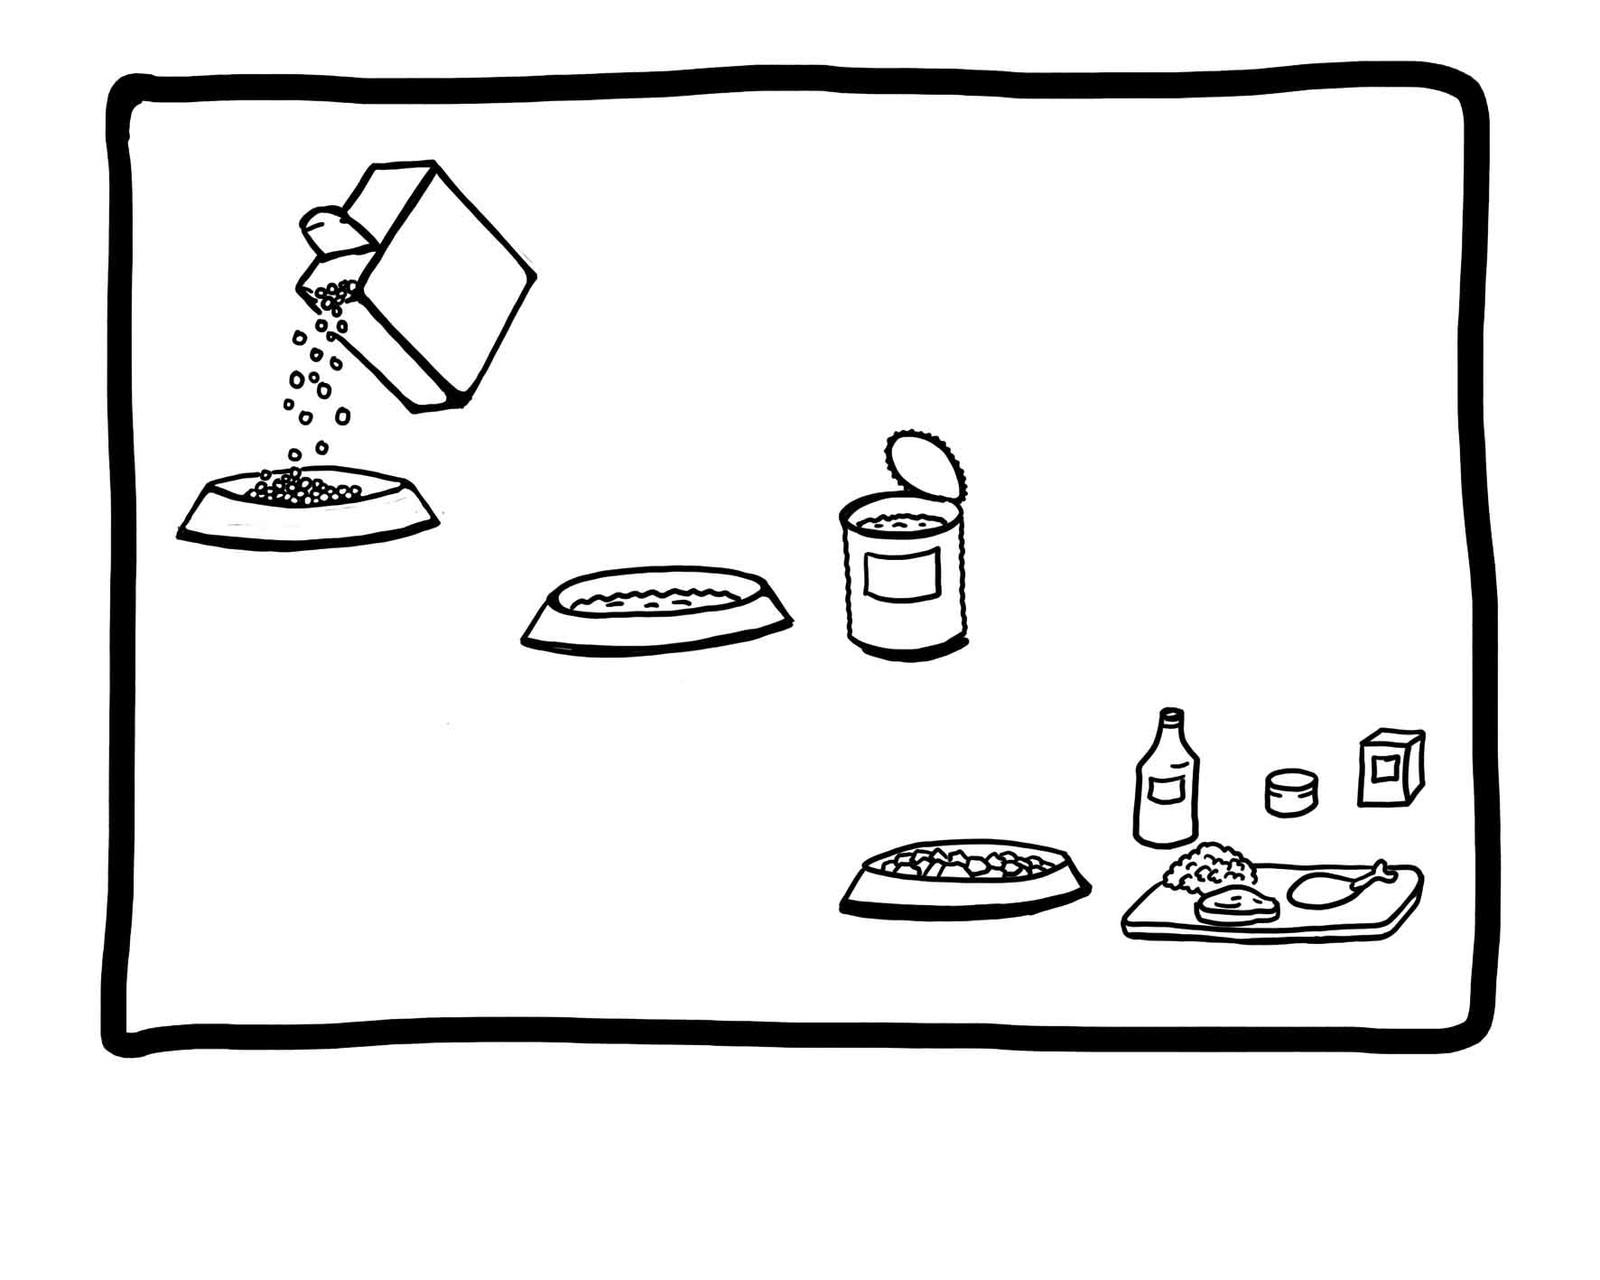 WENN DU WÄHLEN KÖNNTEST ? Was würdest du lieber essen? TROCKEN - aus der DOSE - oder FRISCH?